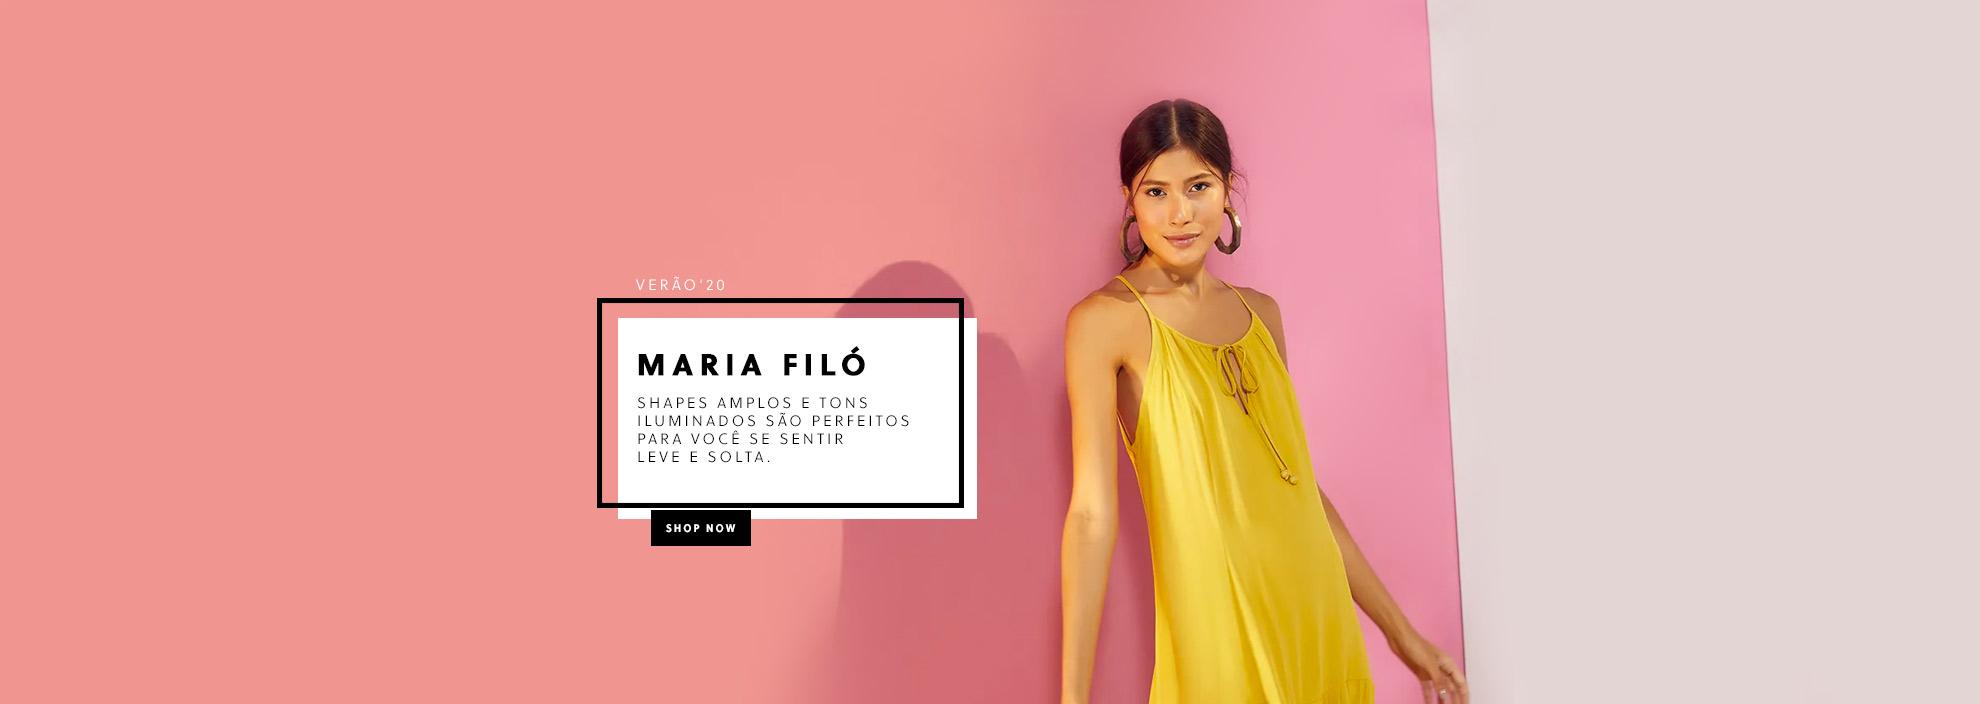 Maria Filó